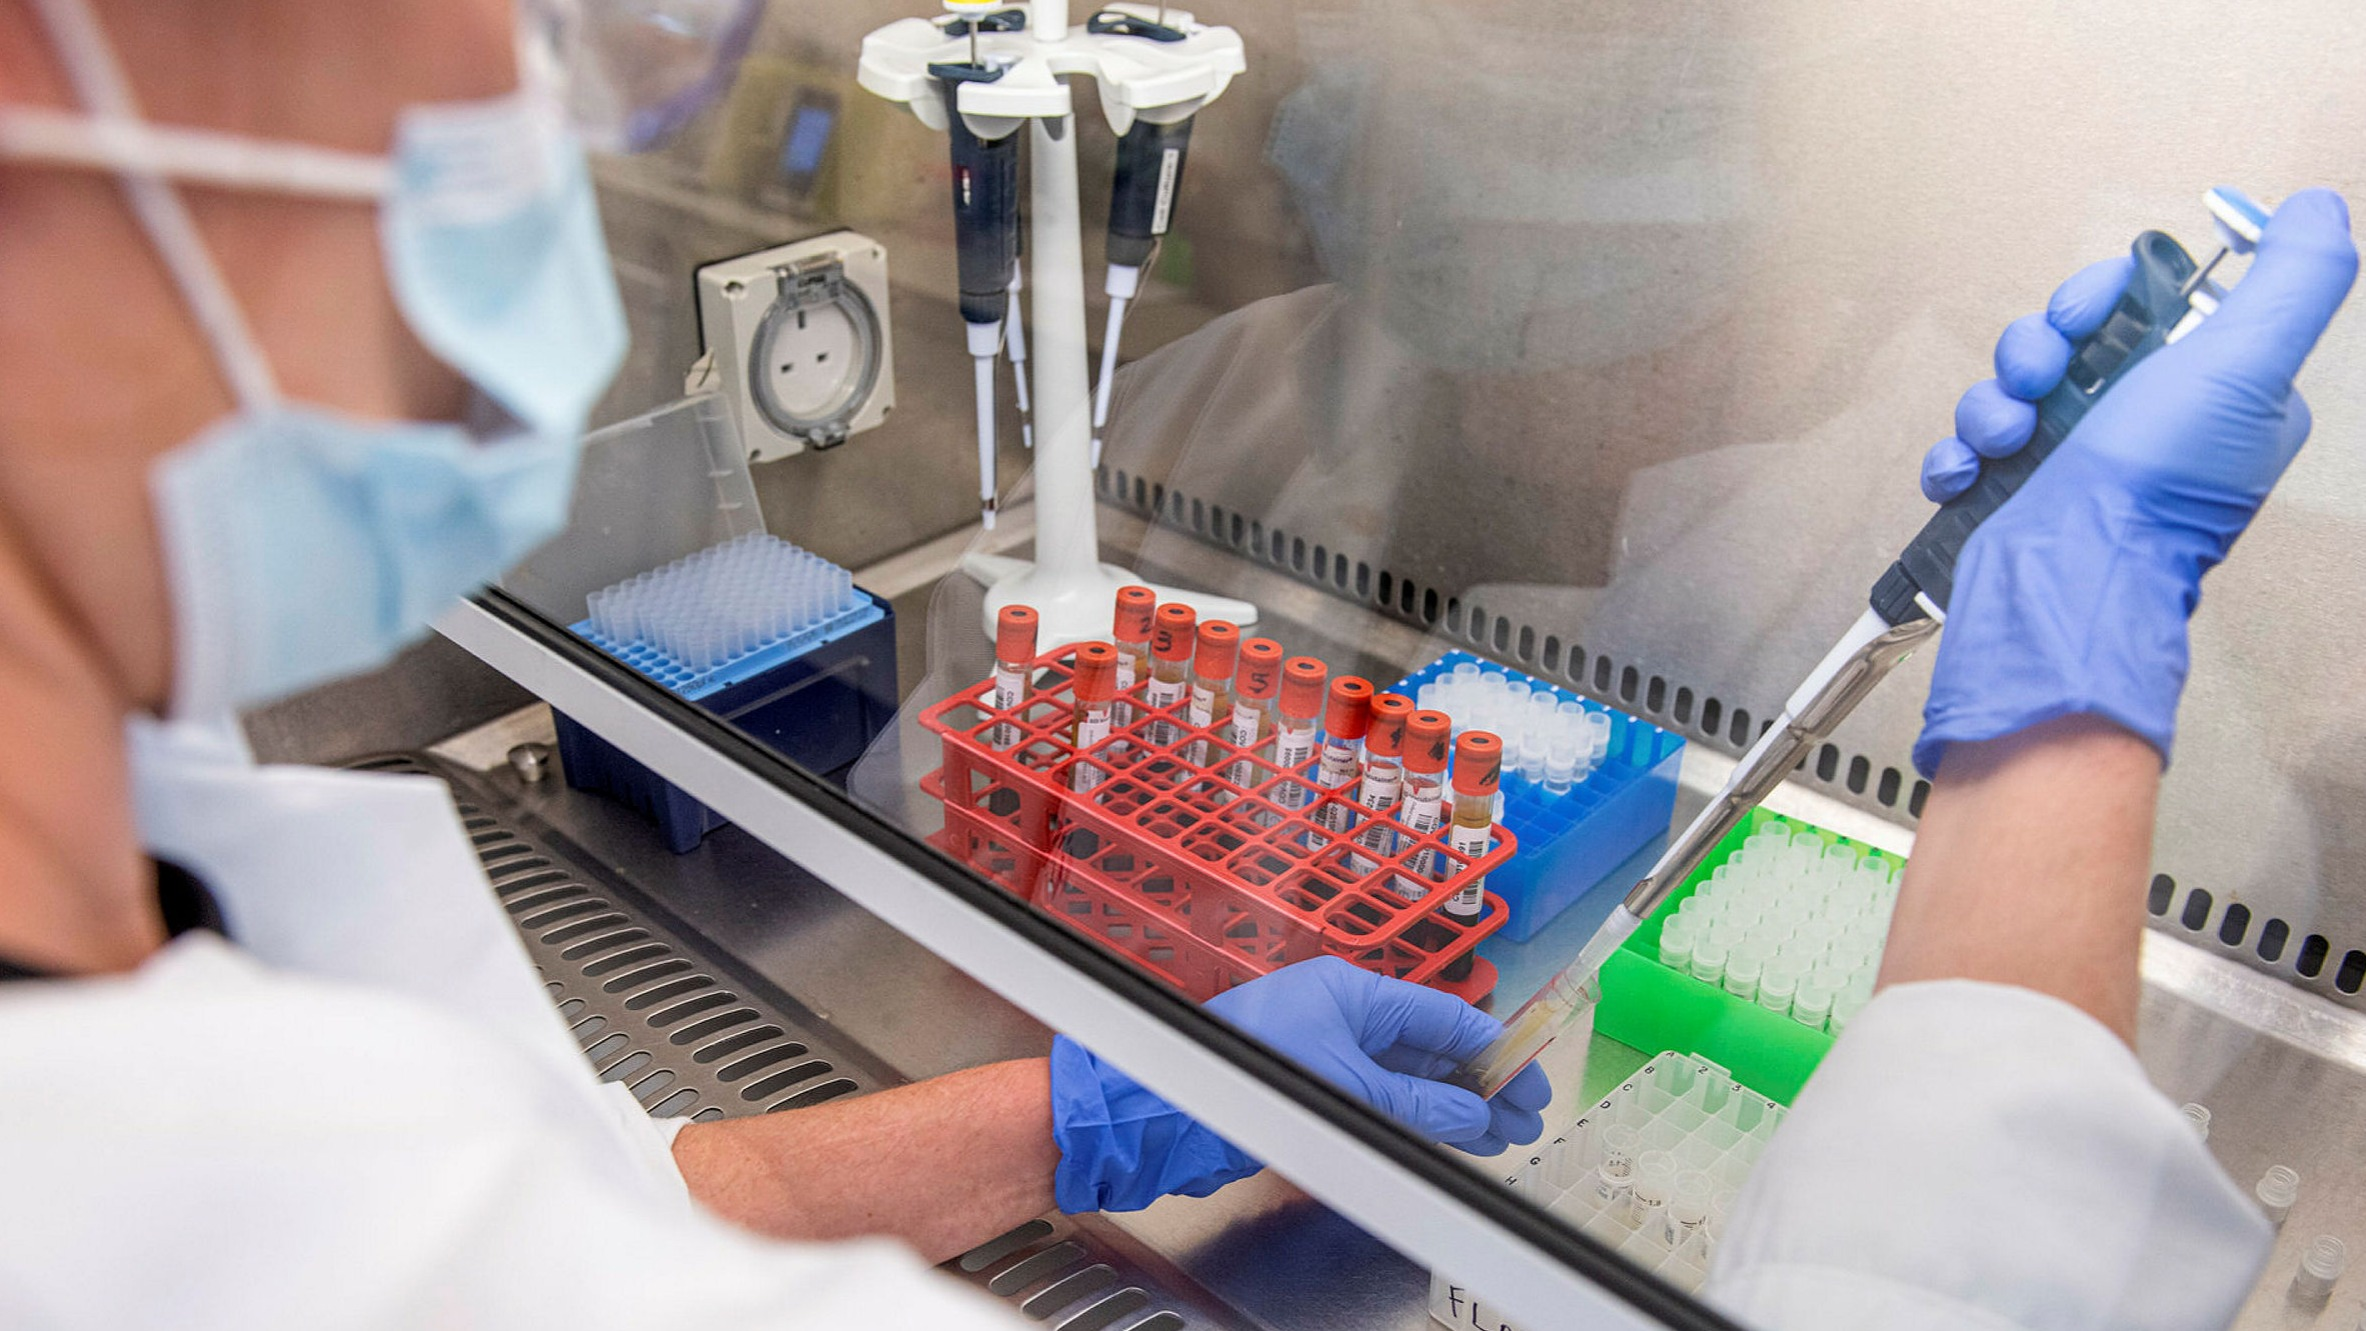 新冠疫情加剧全球不平等,疫苗争夺加剧,加拿大背弃承诺抢先预订